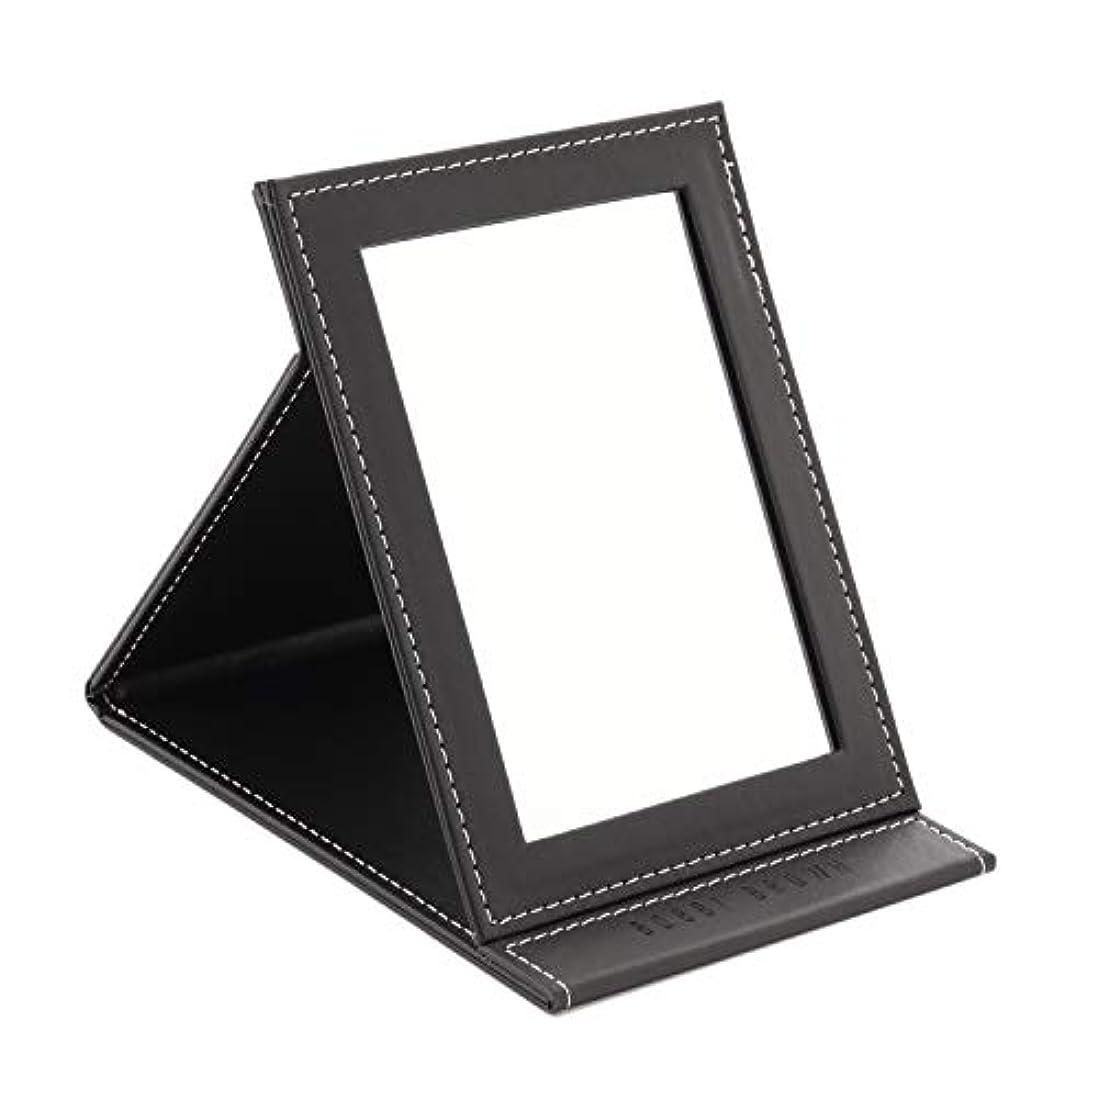 リアルペア国籍[スプレンノ] 折り畳みミラー 化粧鏡 スタンドミラー 角度調整 自由自在 外装PUレザー仕上げ (M)